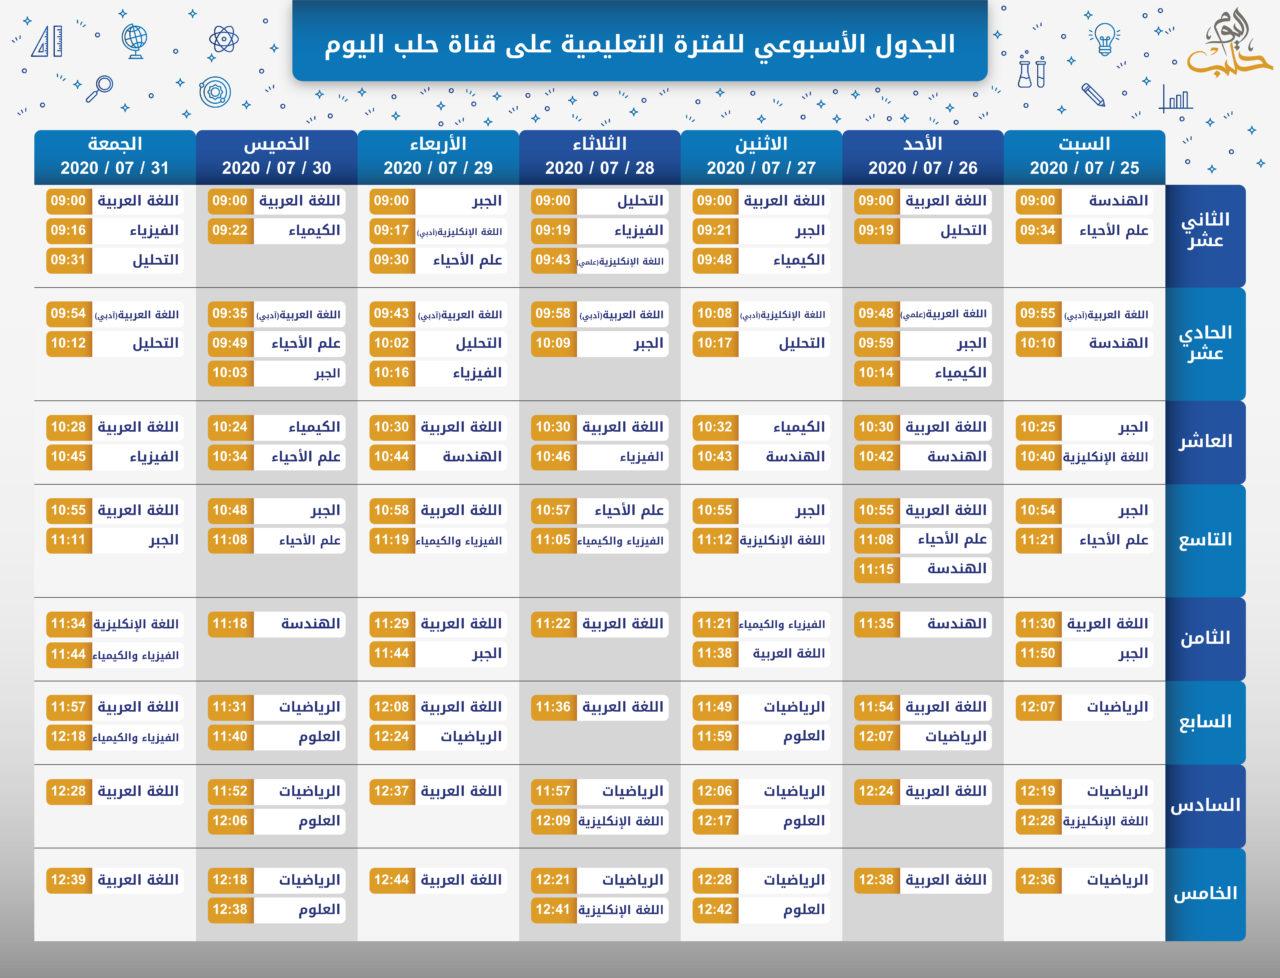 الجدول-الاسبوعي-للفترة-التعليمية